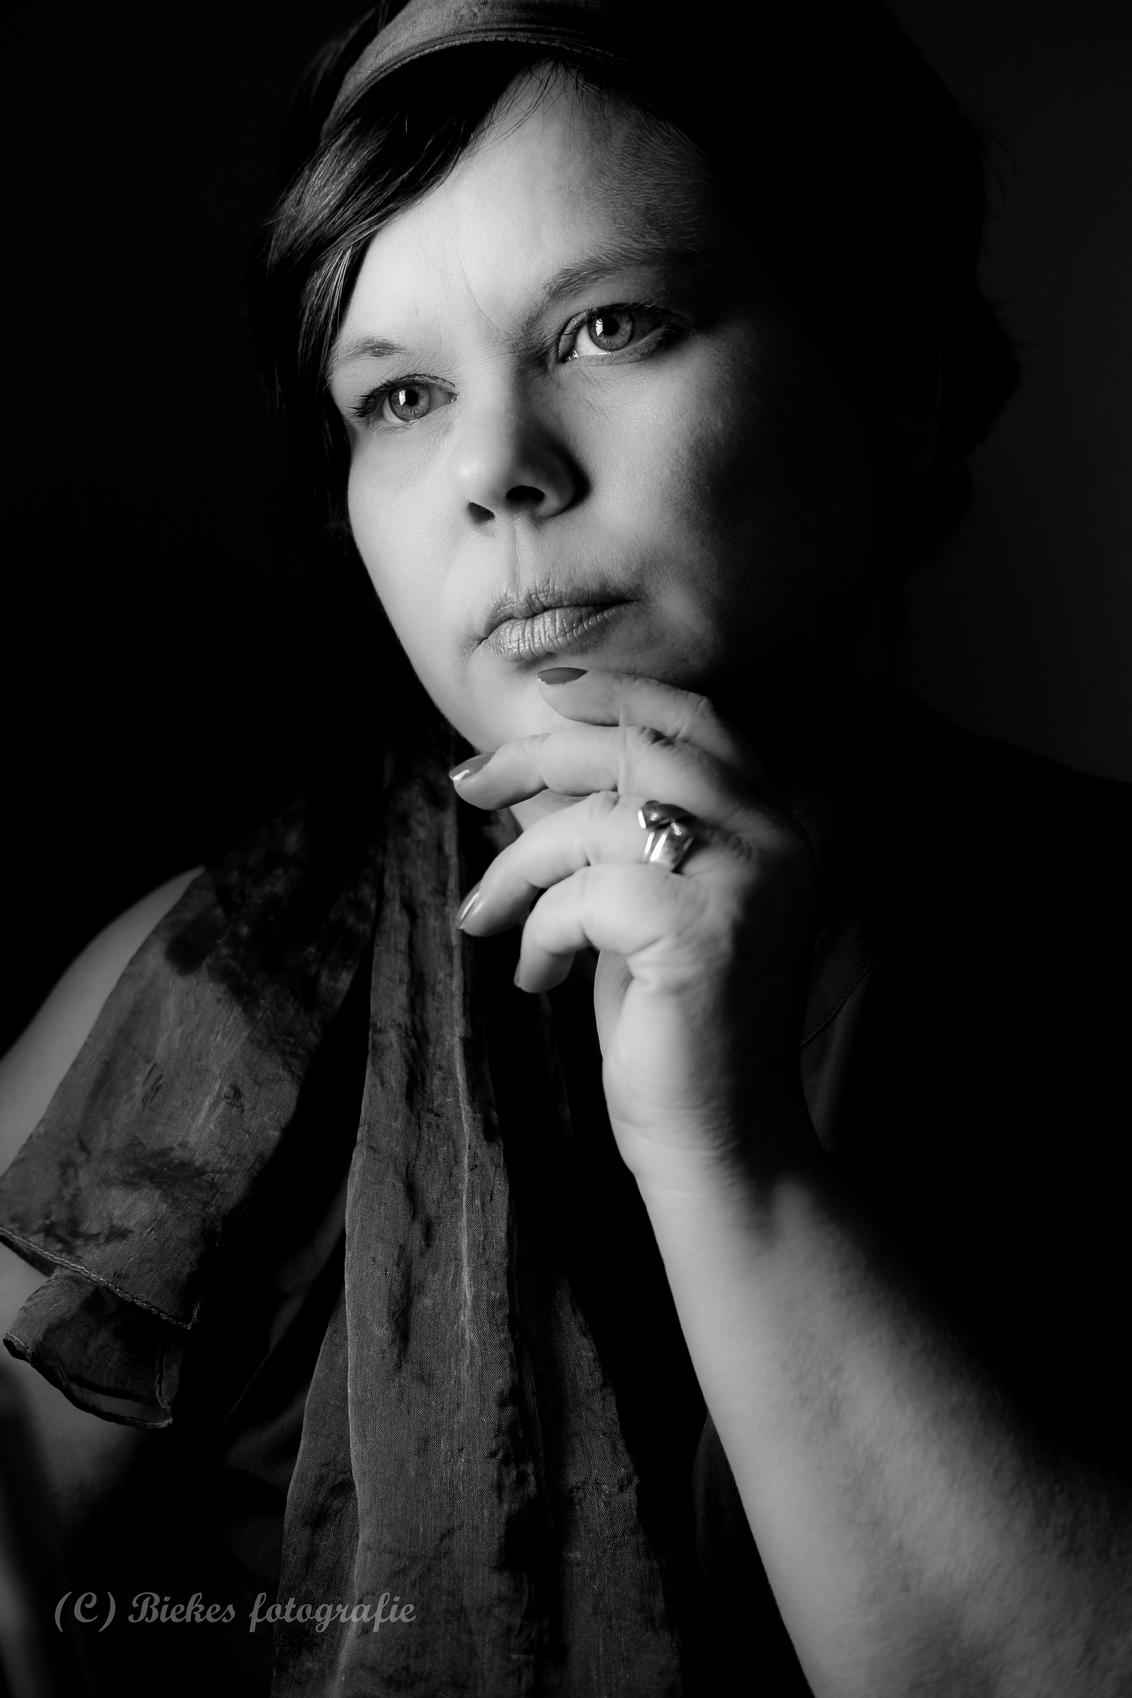 just me - mijn nieuwe lens uitproberen :) Studio thuis, 1 daglichtlamp gebruikt en omgezet in LR naar zwart wit. - foto door biekesfotografie op 22-02-2019 - deze foto bevat: vrouw, portret, zelfportret, zwartwit, emotie, studio, 35mm, Selfie